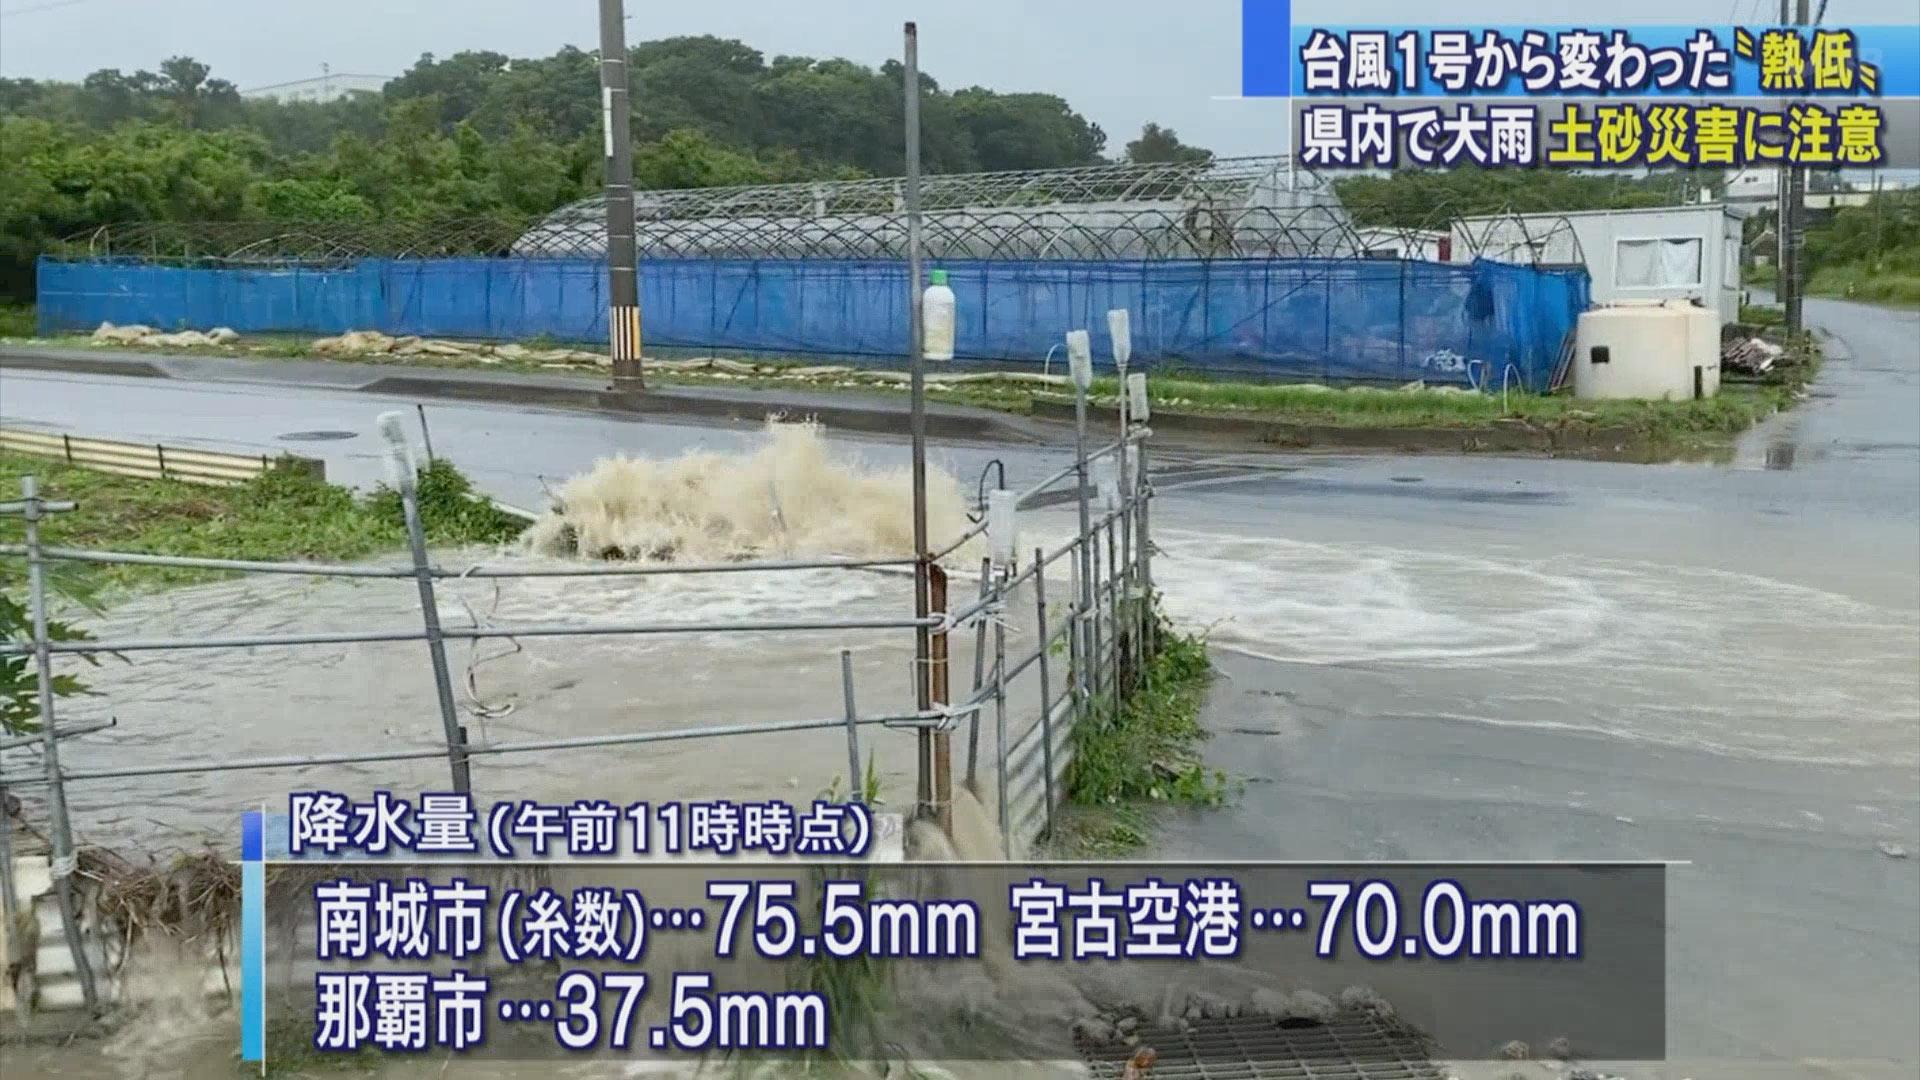 熱帯低気圧の影響で朝から雨 土砂災害などに注意